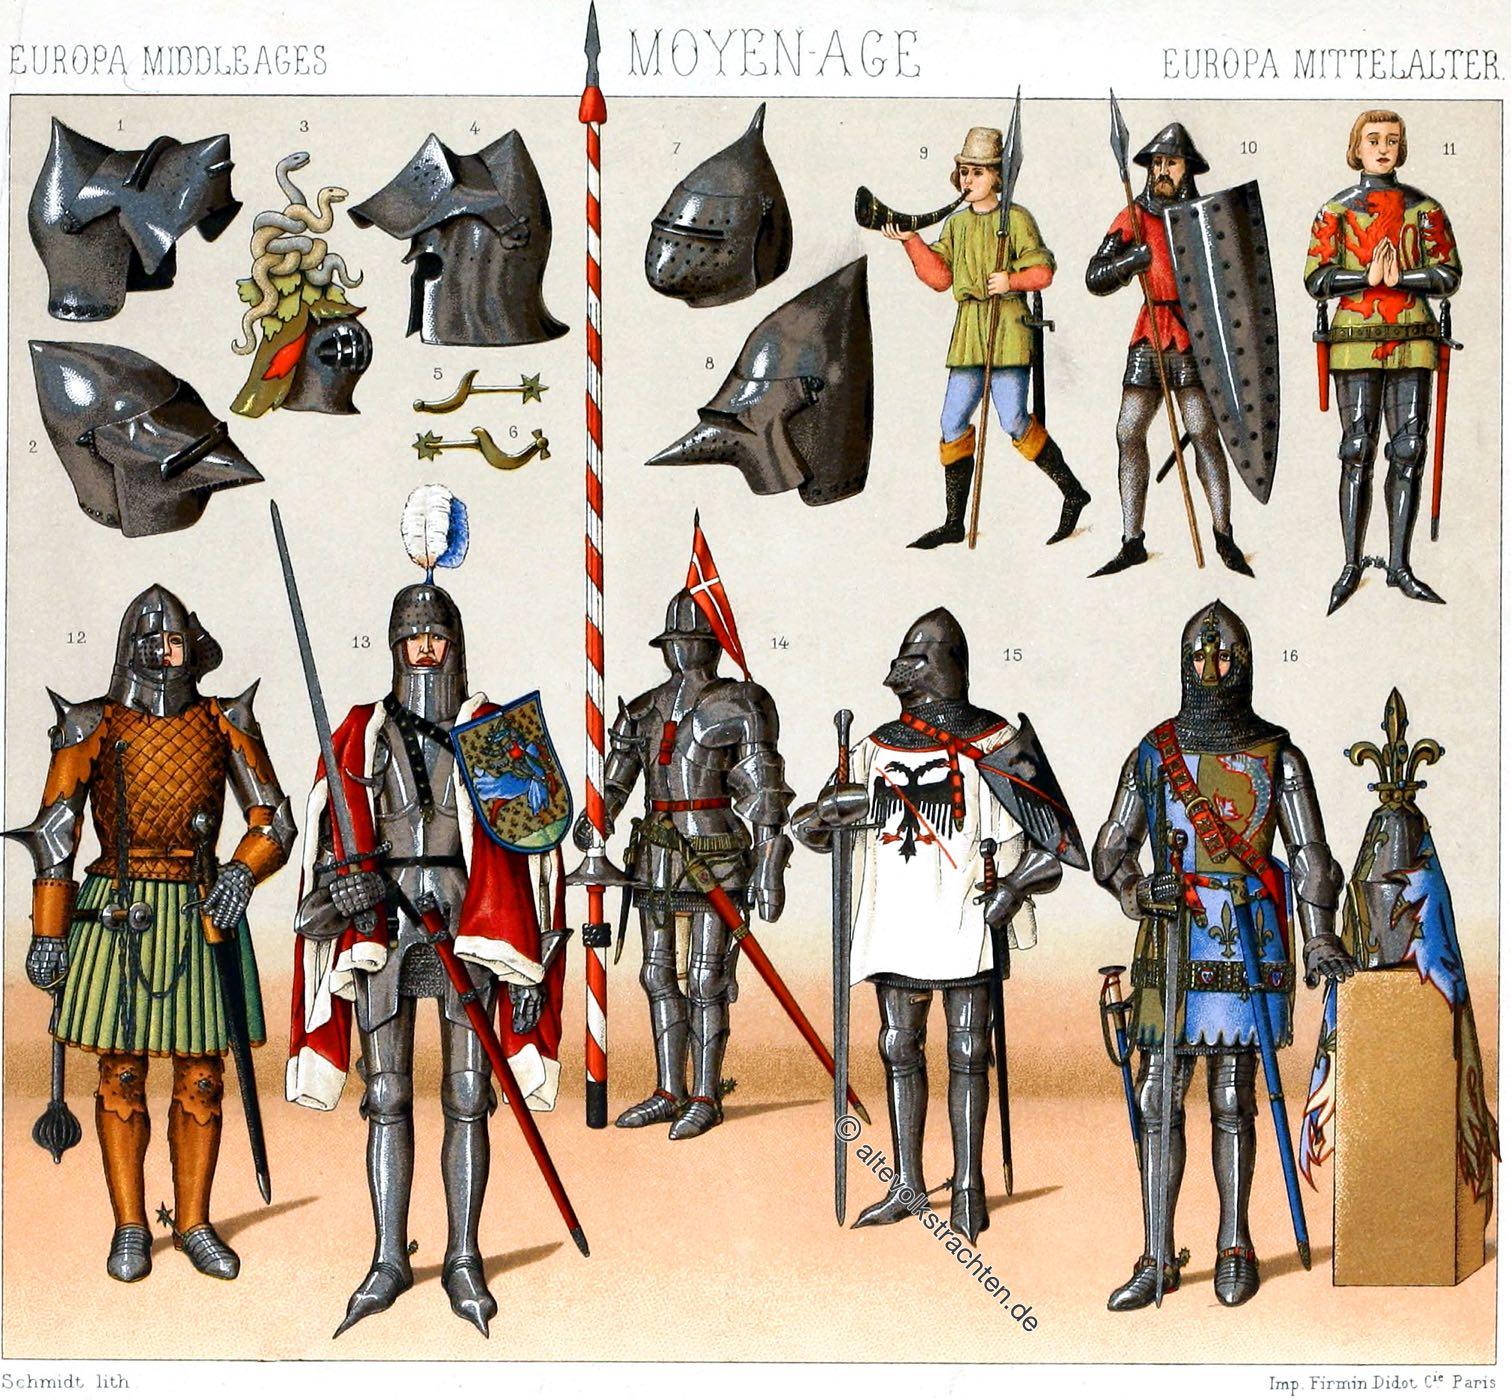 Ritter, Rüstungen, Militär, Mittelalter, Frankreich,